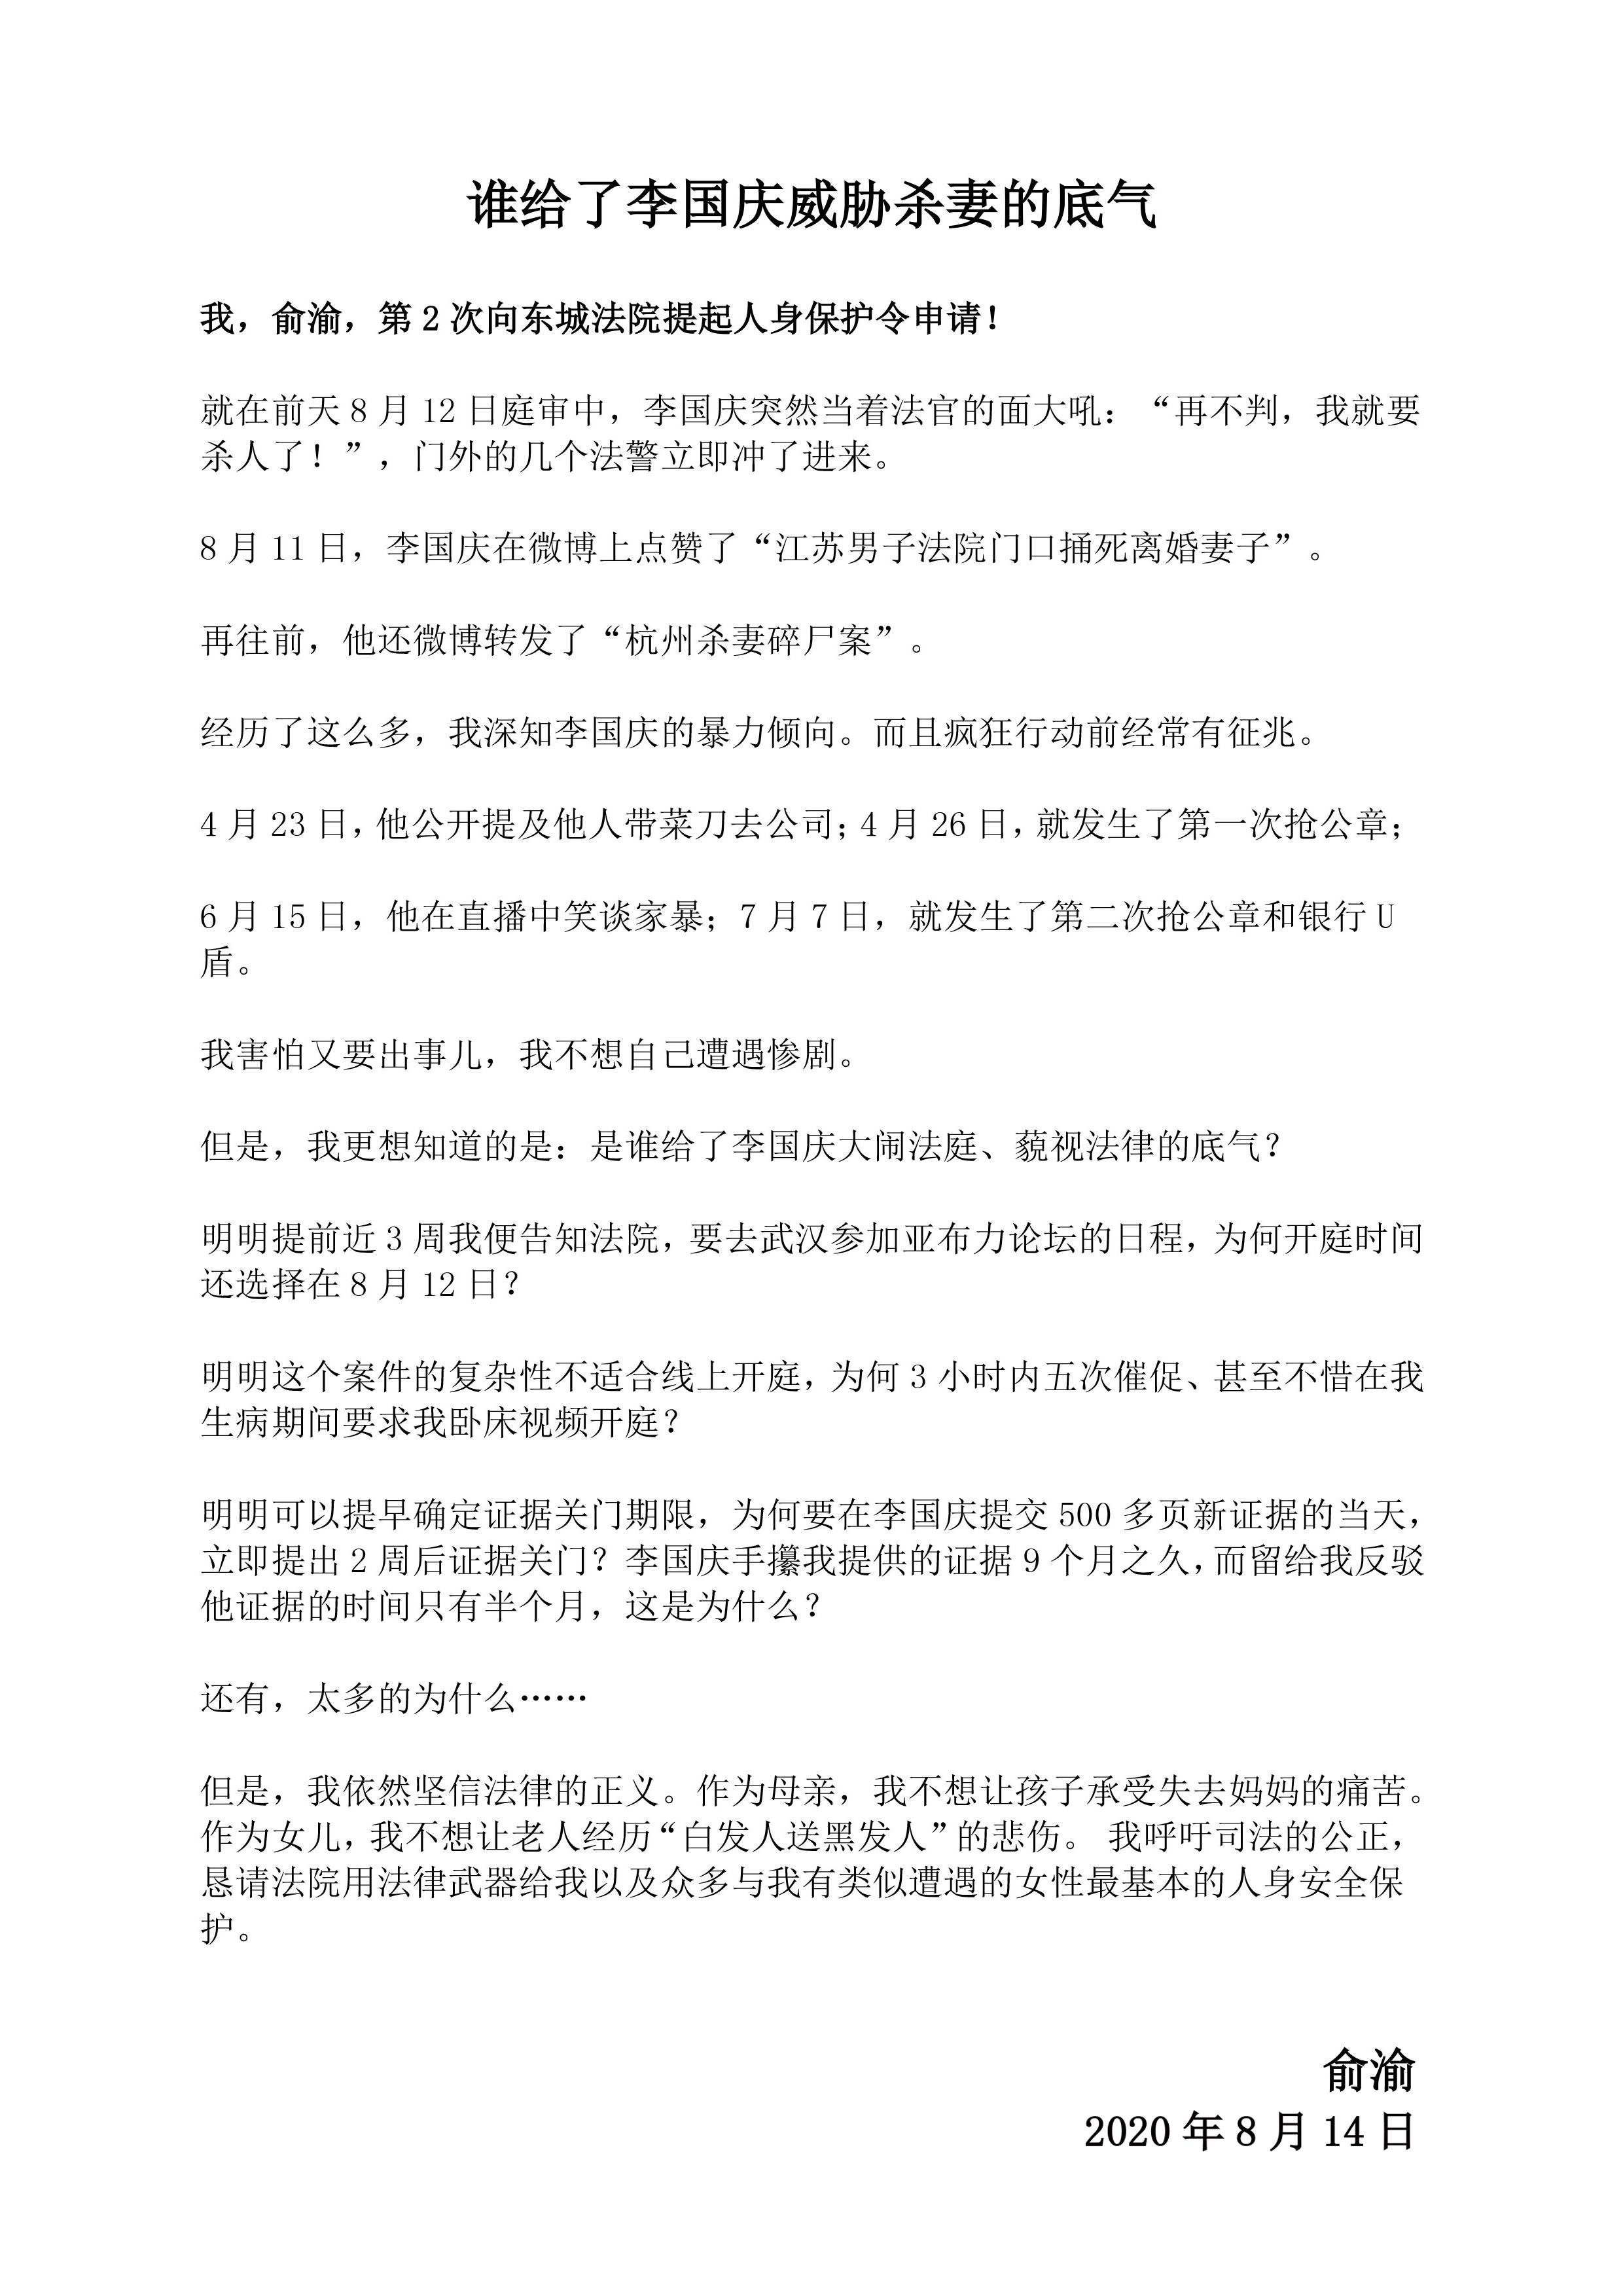 鱼雨向东城法院申请人身保护令;他说他知道李国庆的暴力倾向